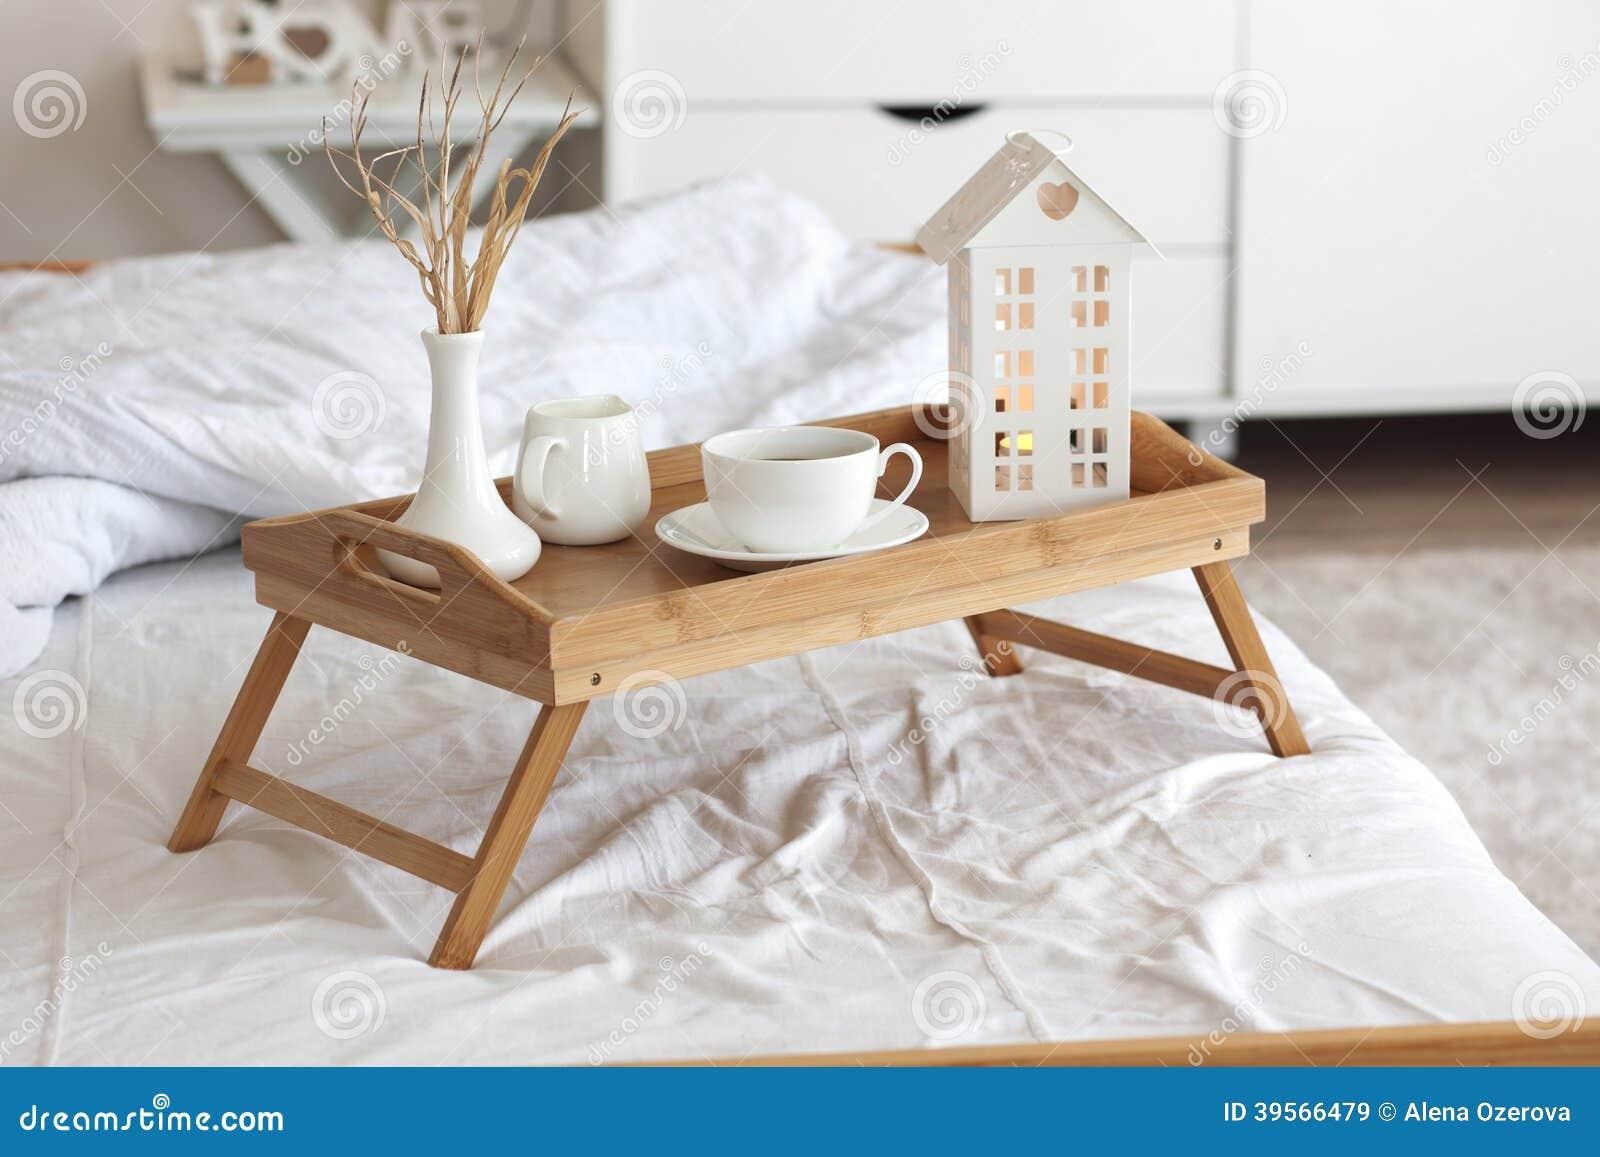 Kawa W łóżku Obraz Stock Obraz Złożonej Z Jedzenie Chałupa